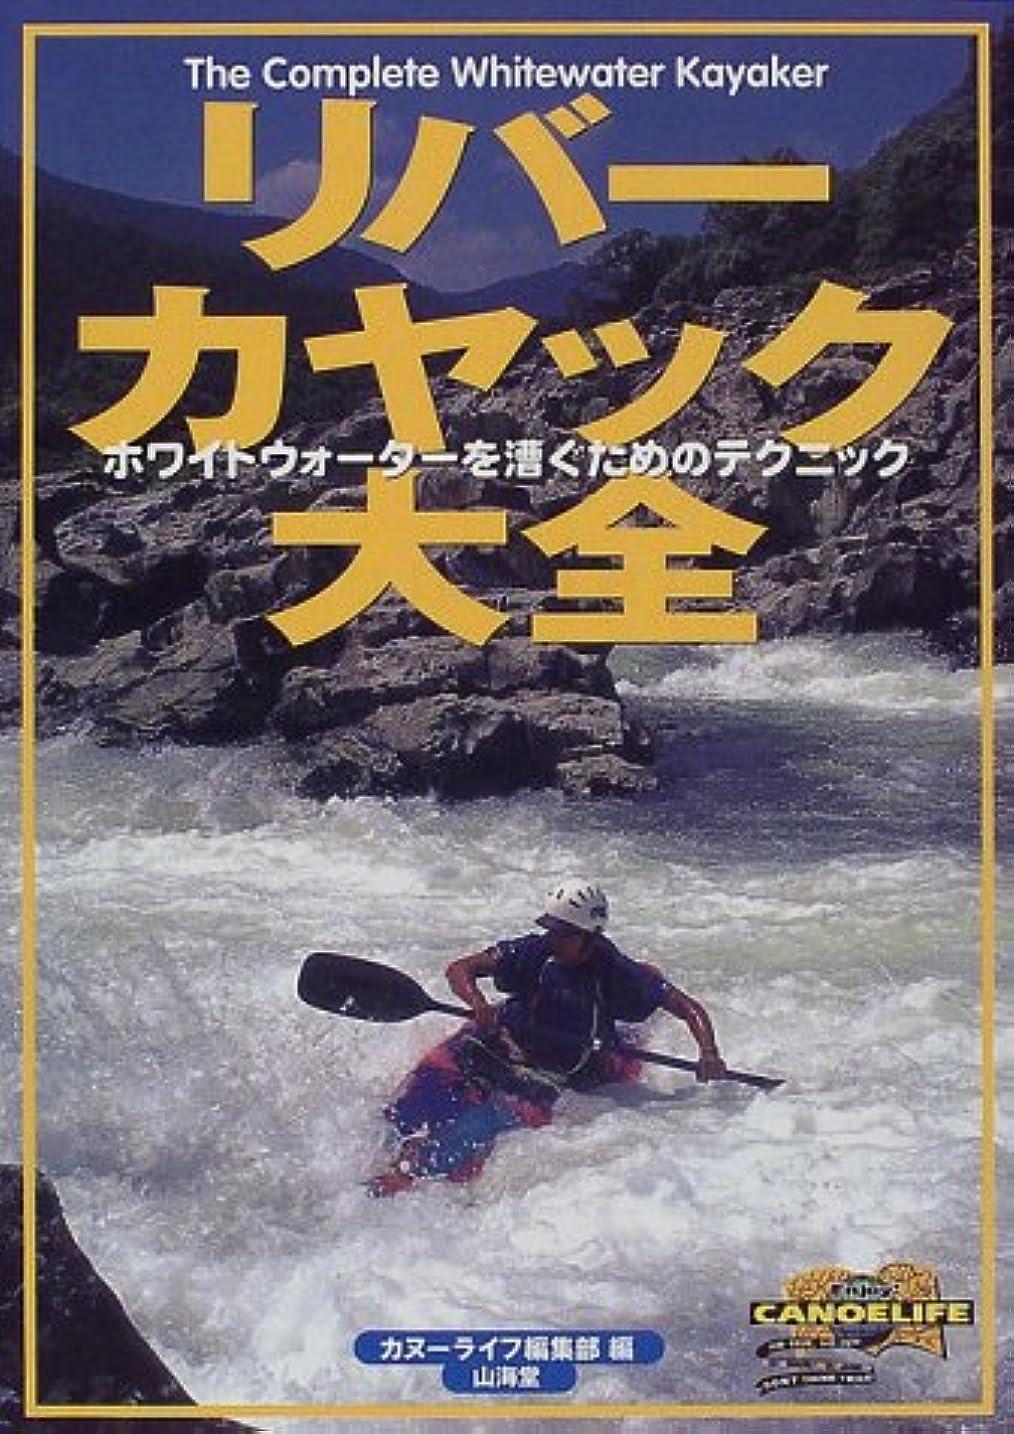 テンポいつでも効能あるリバーカヤック大全―ホワイトウォーターを漕ぐためのテクニック (Man to man books)